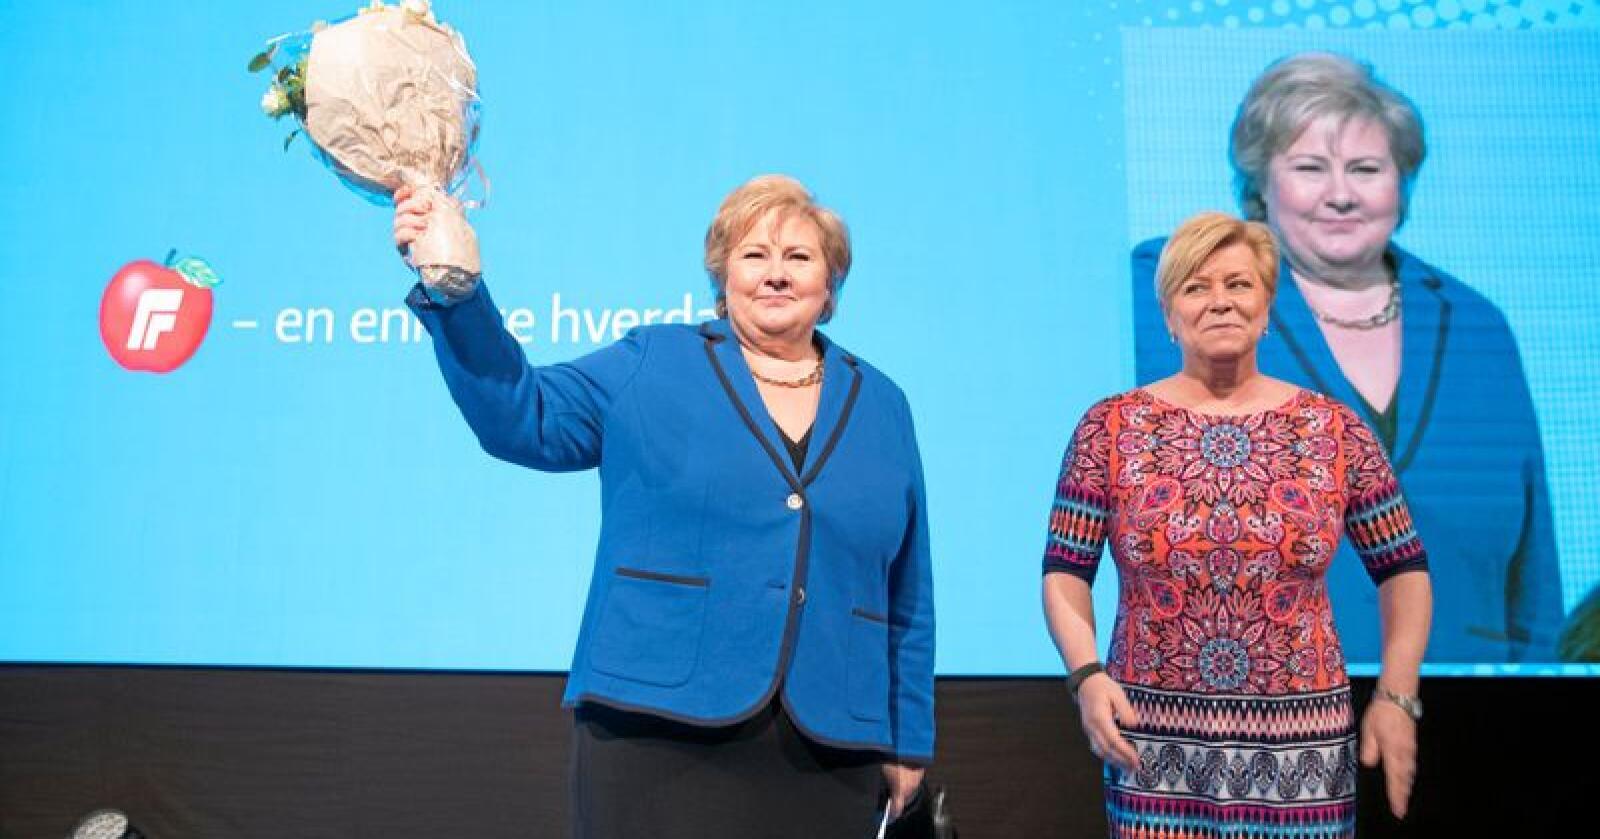 Statsminister Erna Solberg (H) og Frp-leder Siv Jensen. Foto: Terje Bendiksby / NTB Scanpix